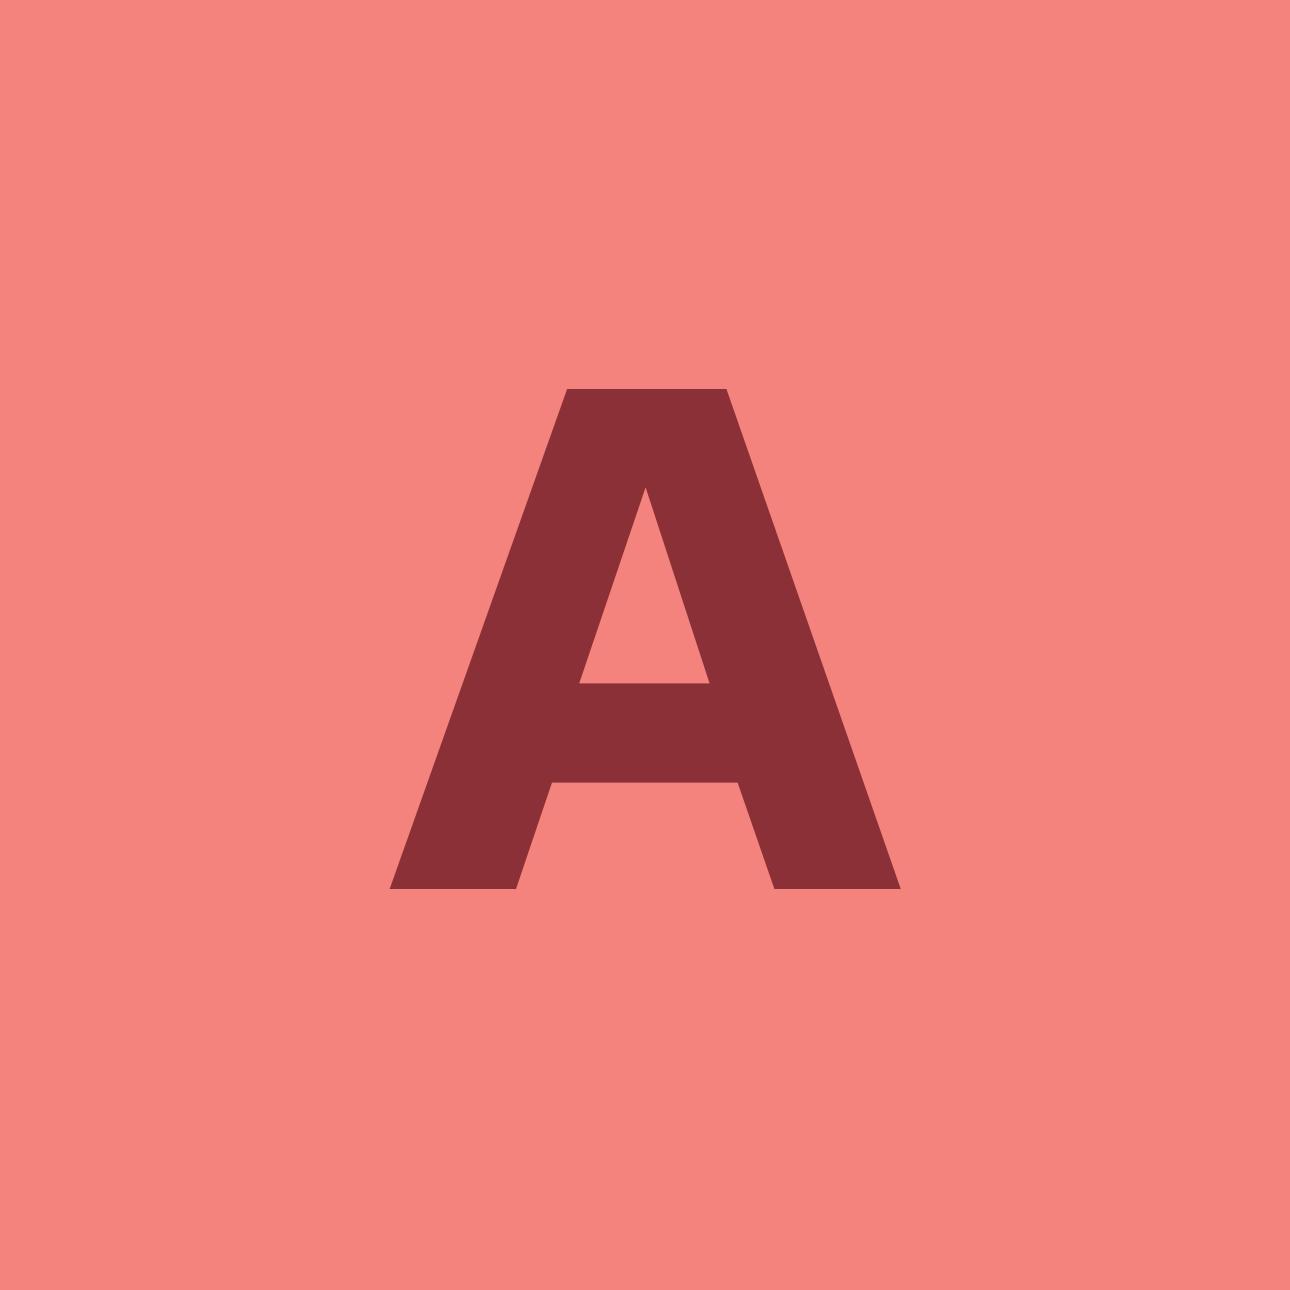 A1 Contractors 4U   Bark Profile and Reviews